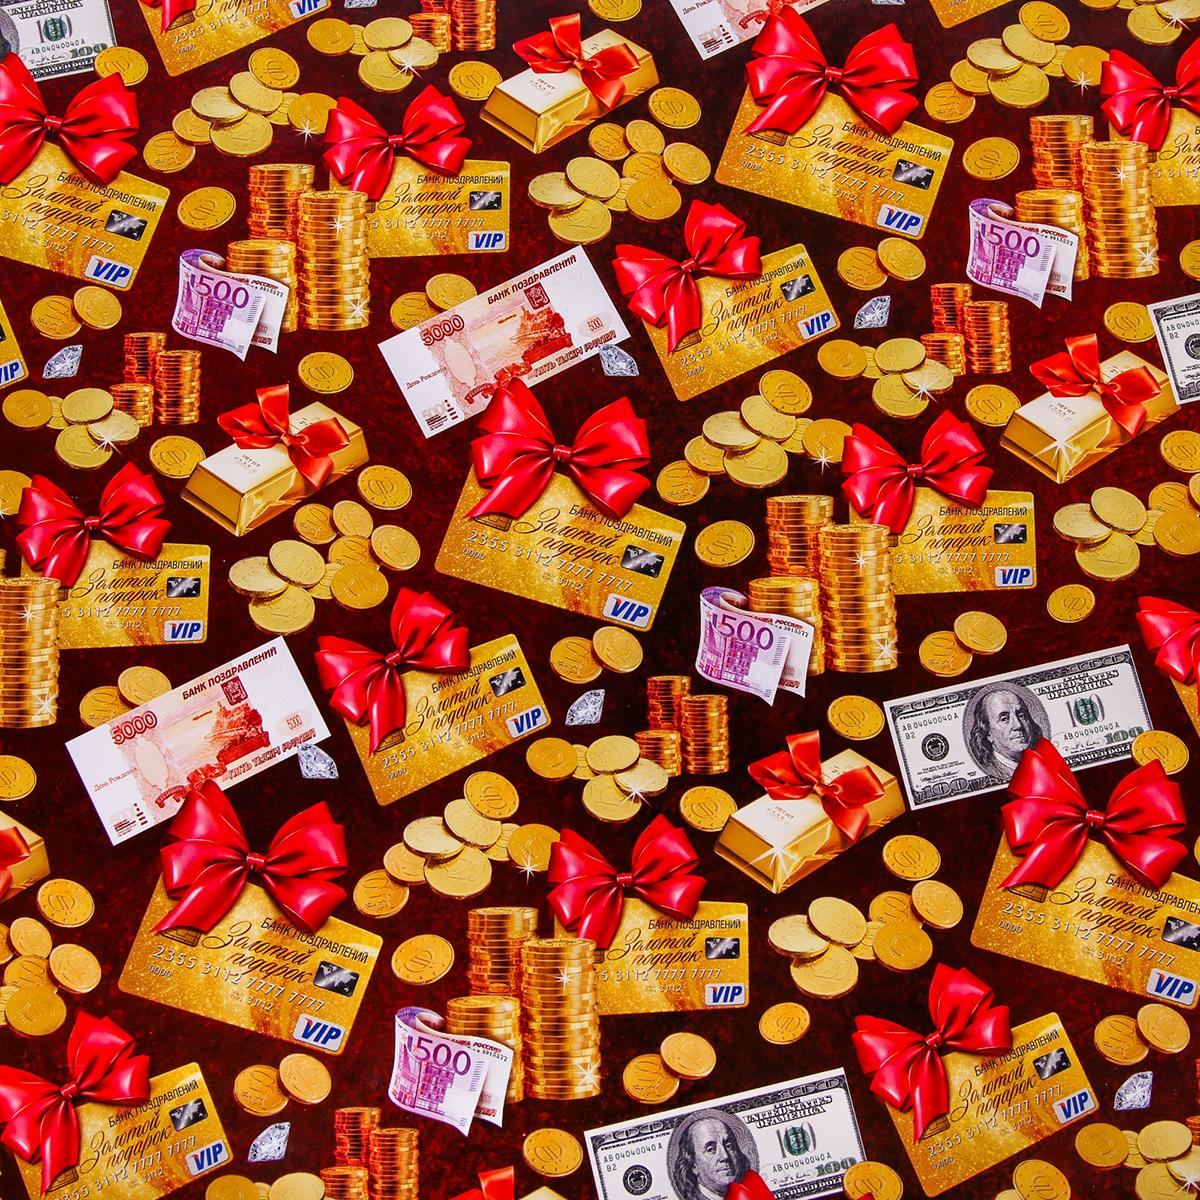 Бумага упаковочная Дарите счастье Золотые монеты, глянцевая, 70 х 100 см. 27394552739455Любой подарок начинается с упаковки. Что может быть трогательнее и волшебнее, чем ритуал разворачивания полученного презента. И именно оригинальная, со вкусом выбранная упаковка выделит ваш подарок из массы других. Она продемонстрирует самые тёплые чувства к виновнику торжества и создаст сказочную атмосферу праздника. — это то, что вы искали.